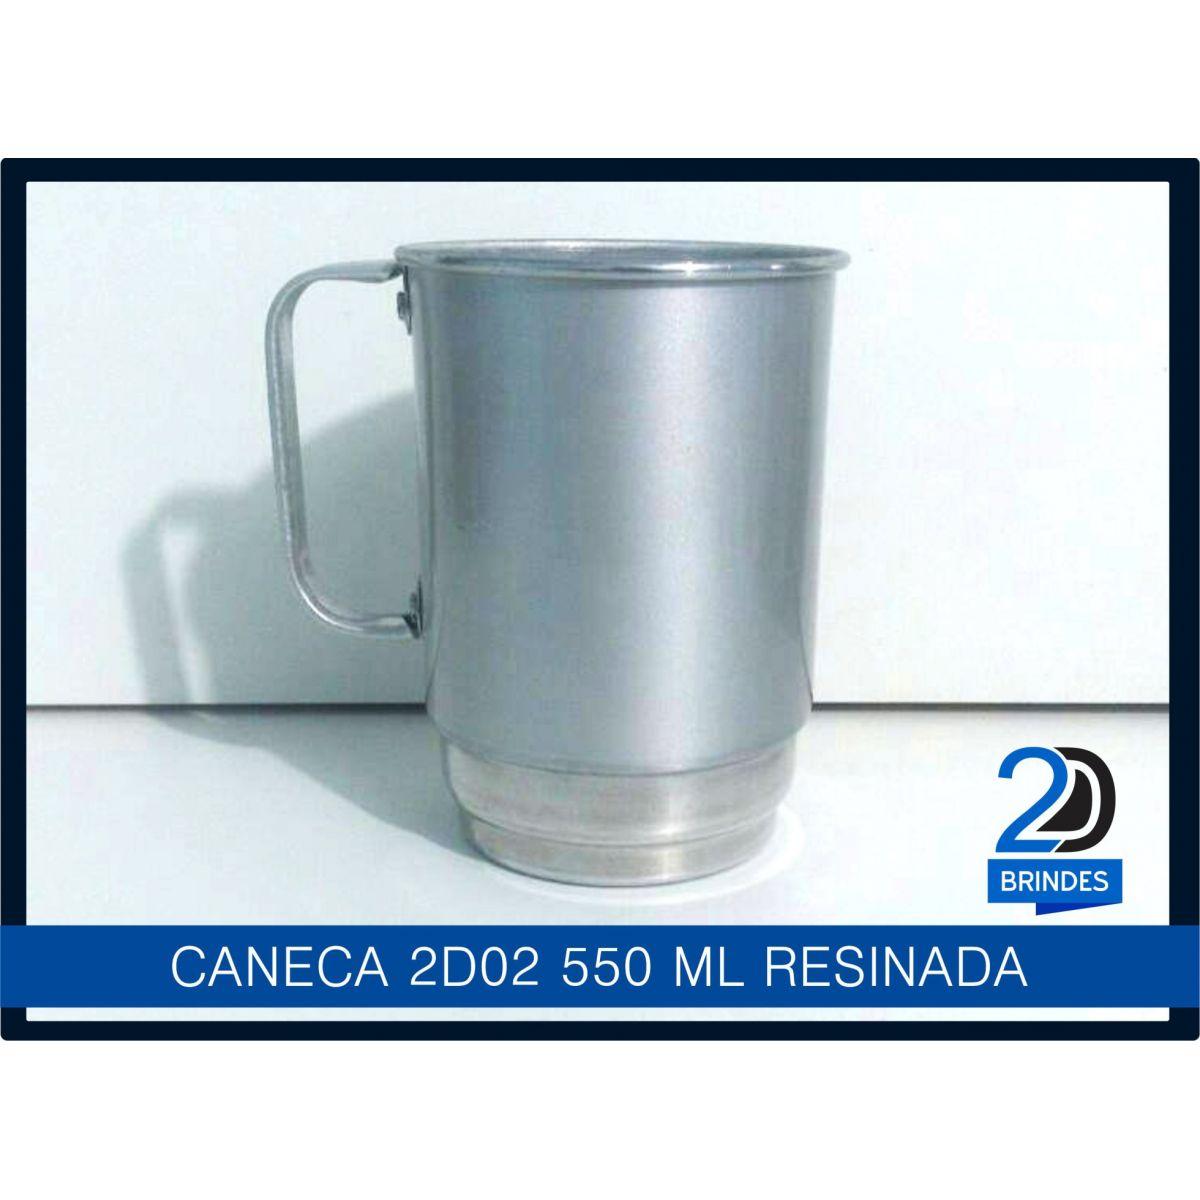 Caneca Alumínio 550ml Resinada para Sublimação  - 2D Brindes